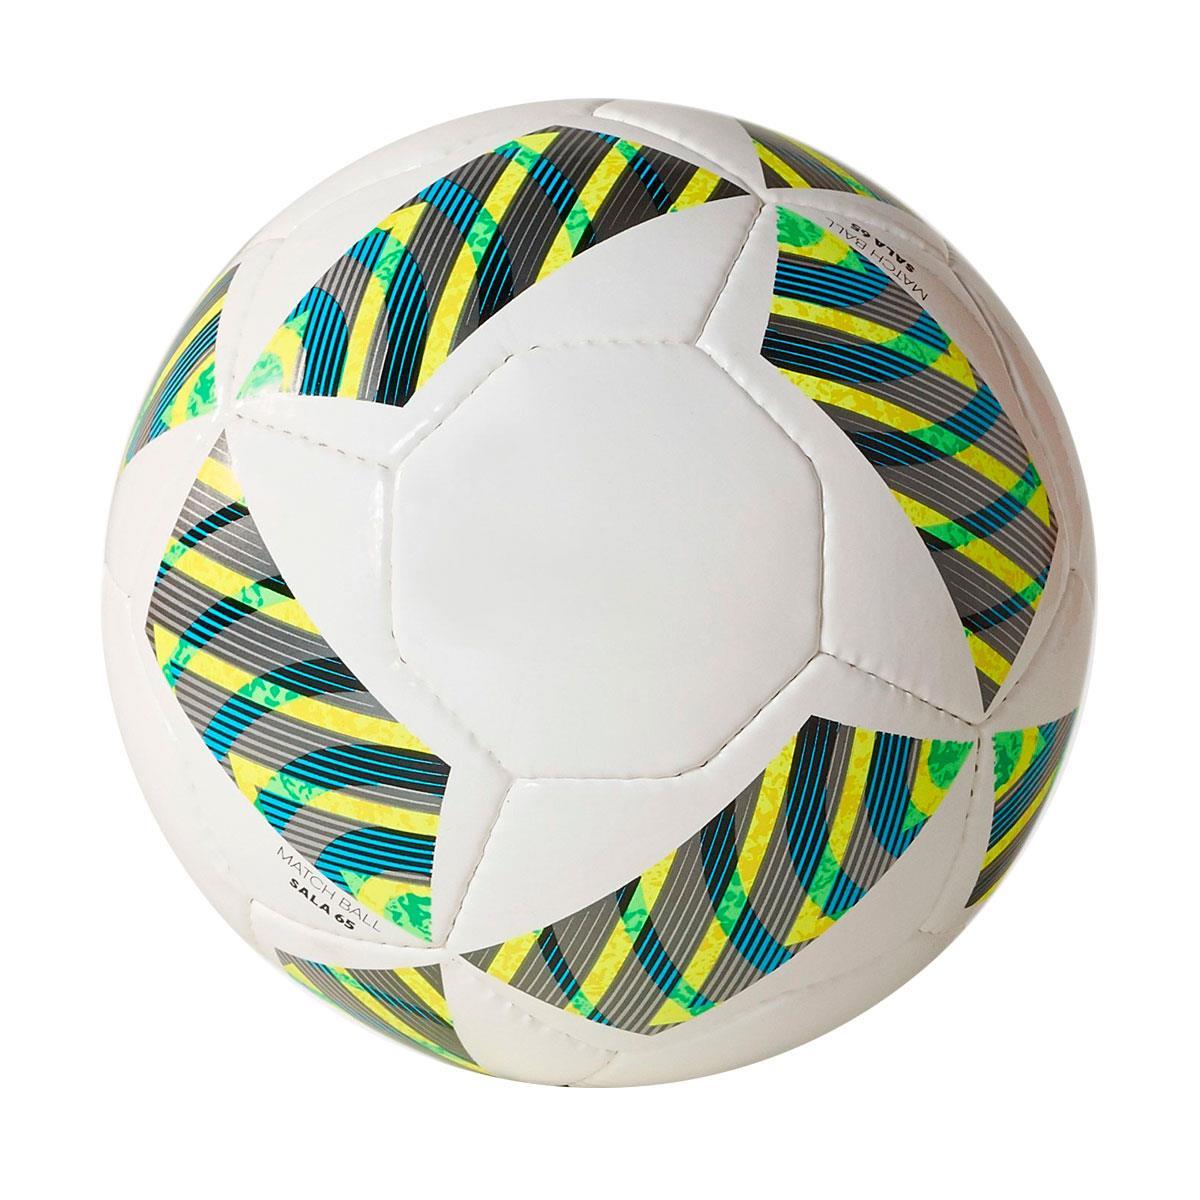 1e51d022ce Bola Adidas Futsal Errejota 6x5